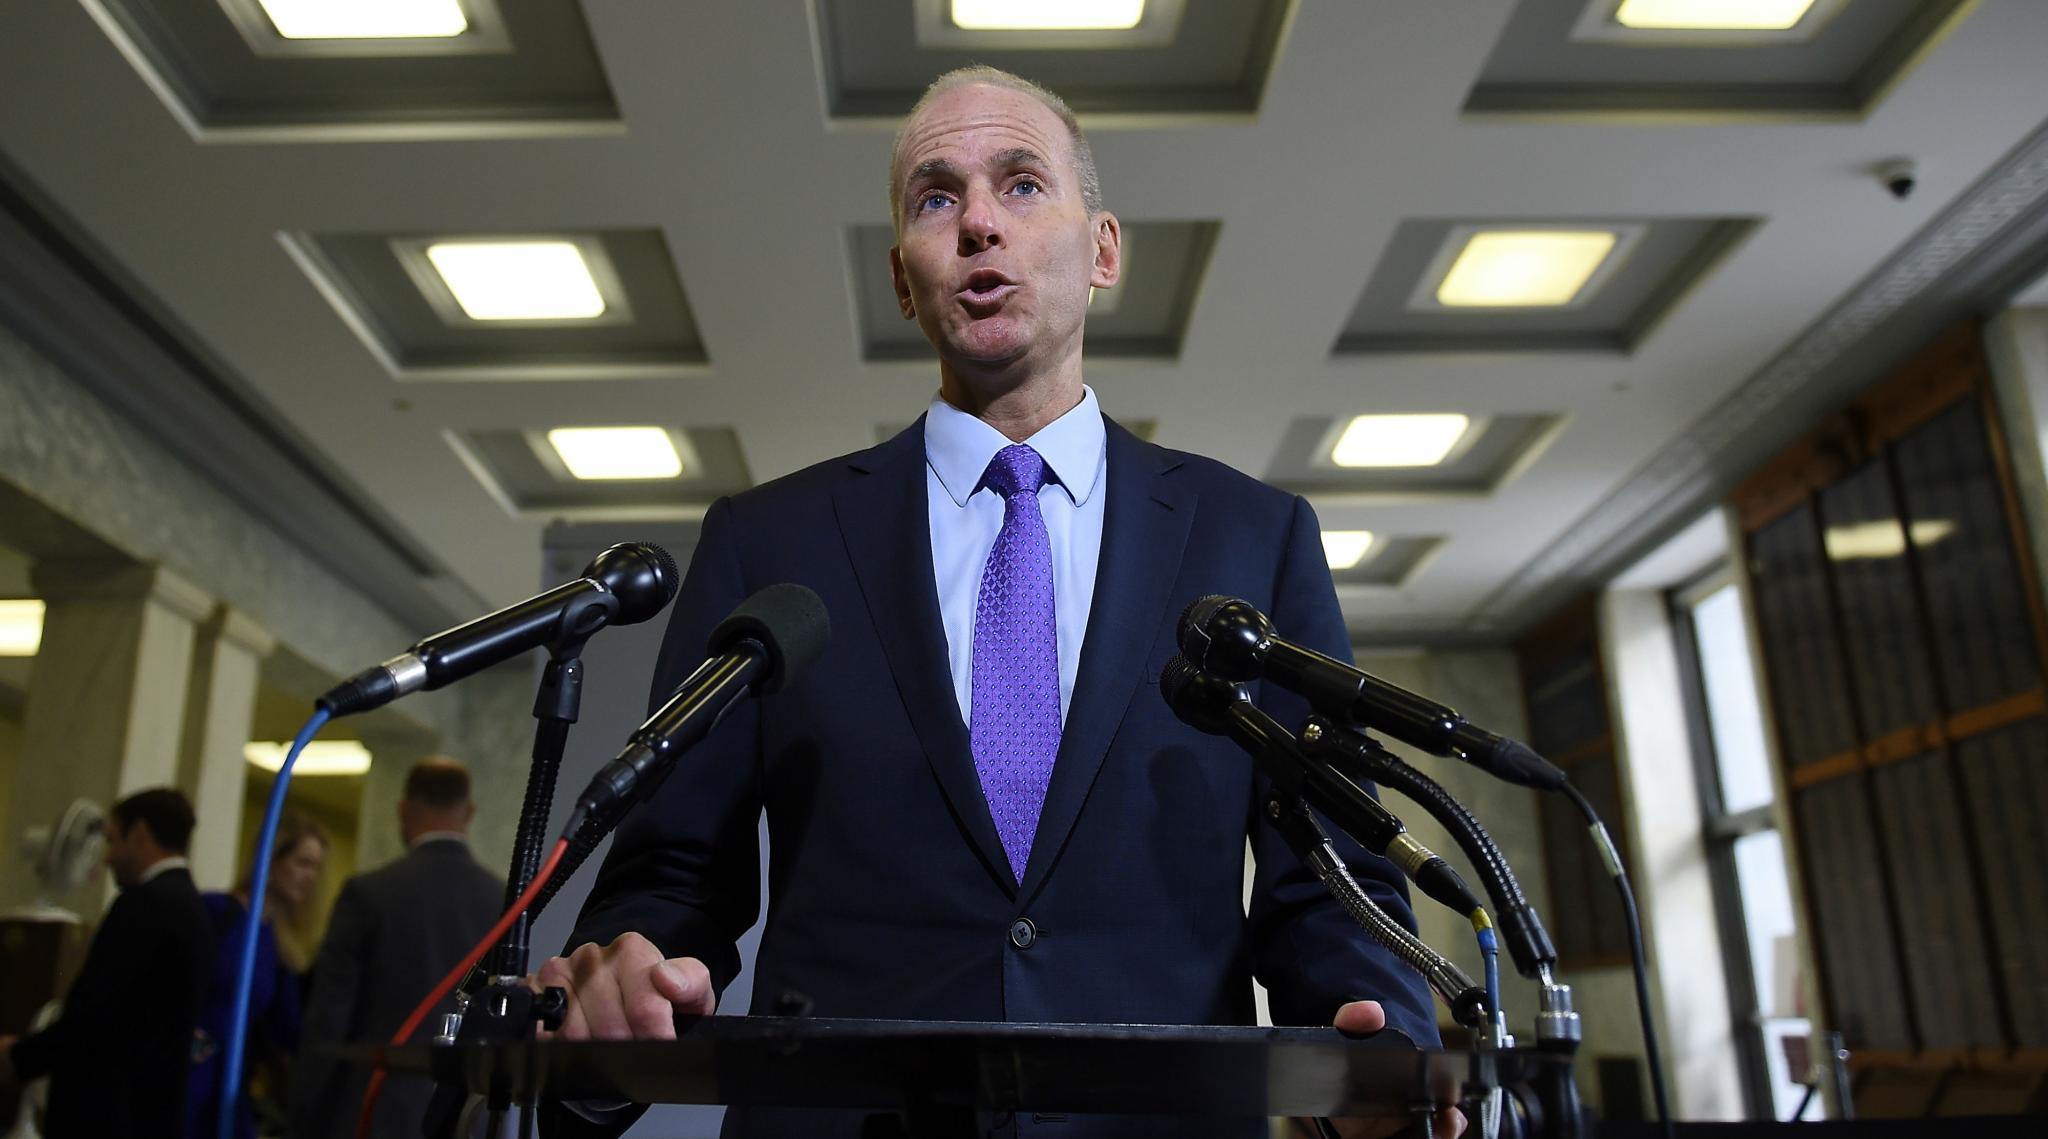 Boeing 737 MAX Crisis: CEO Dennis Muilenburg Steps Down, Chairman David Calhoun Named Chief